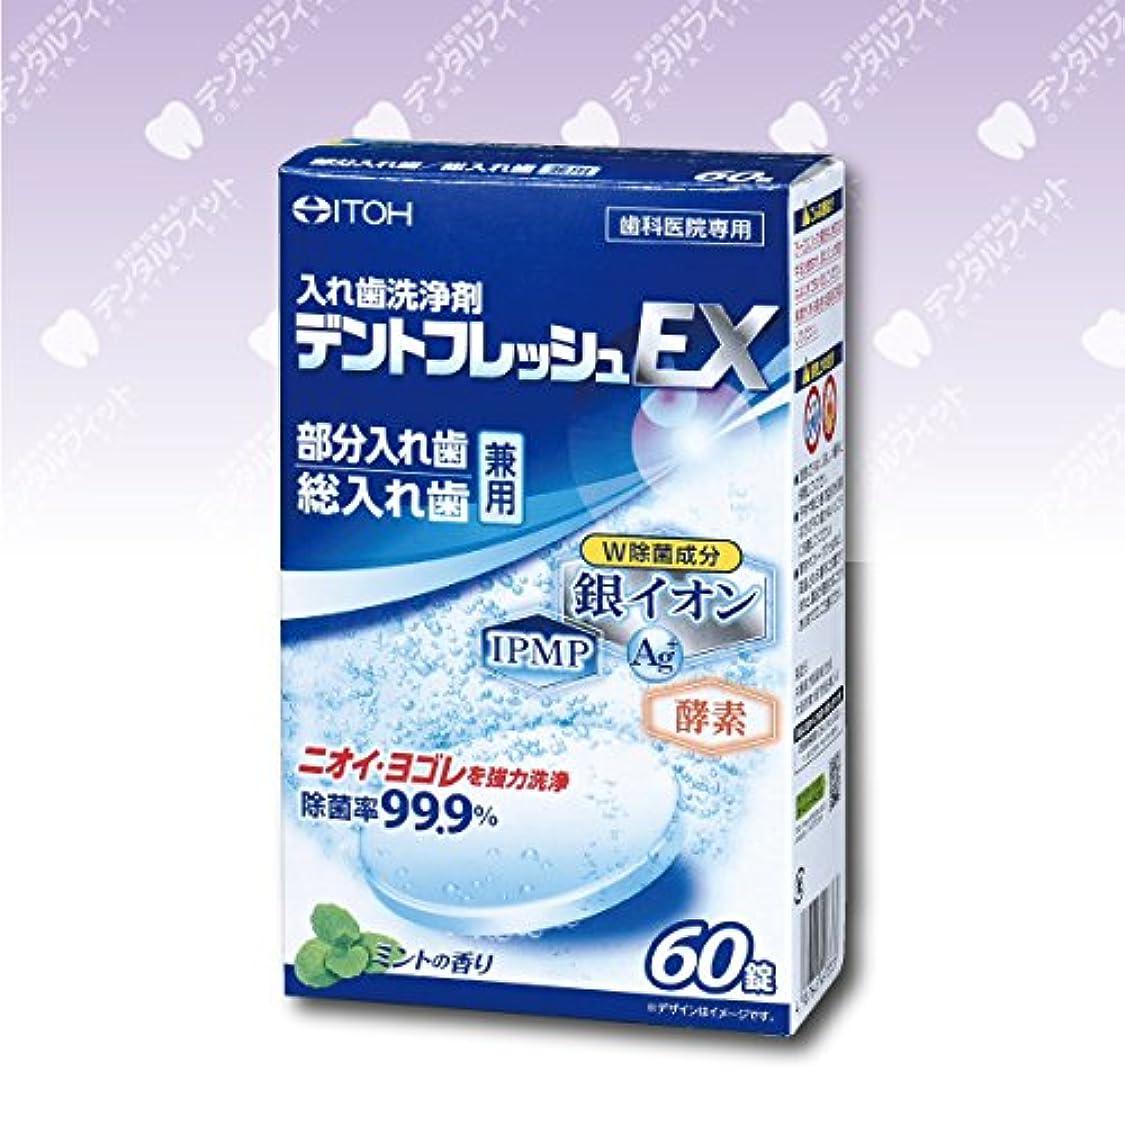 入れ歯洗浄剤 デントフレッシュEX 1箱(60錠)